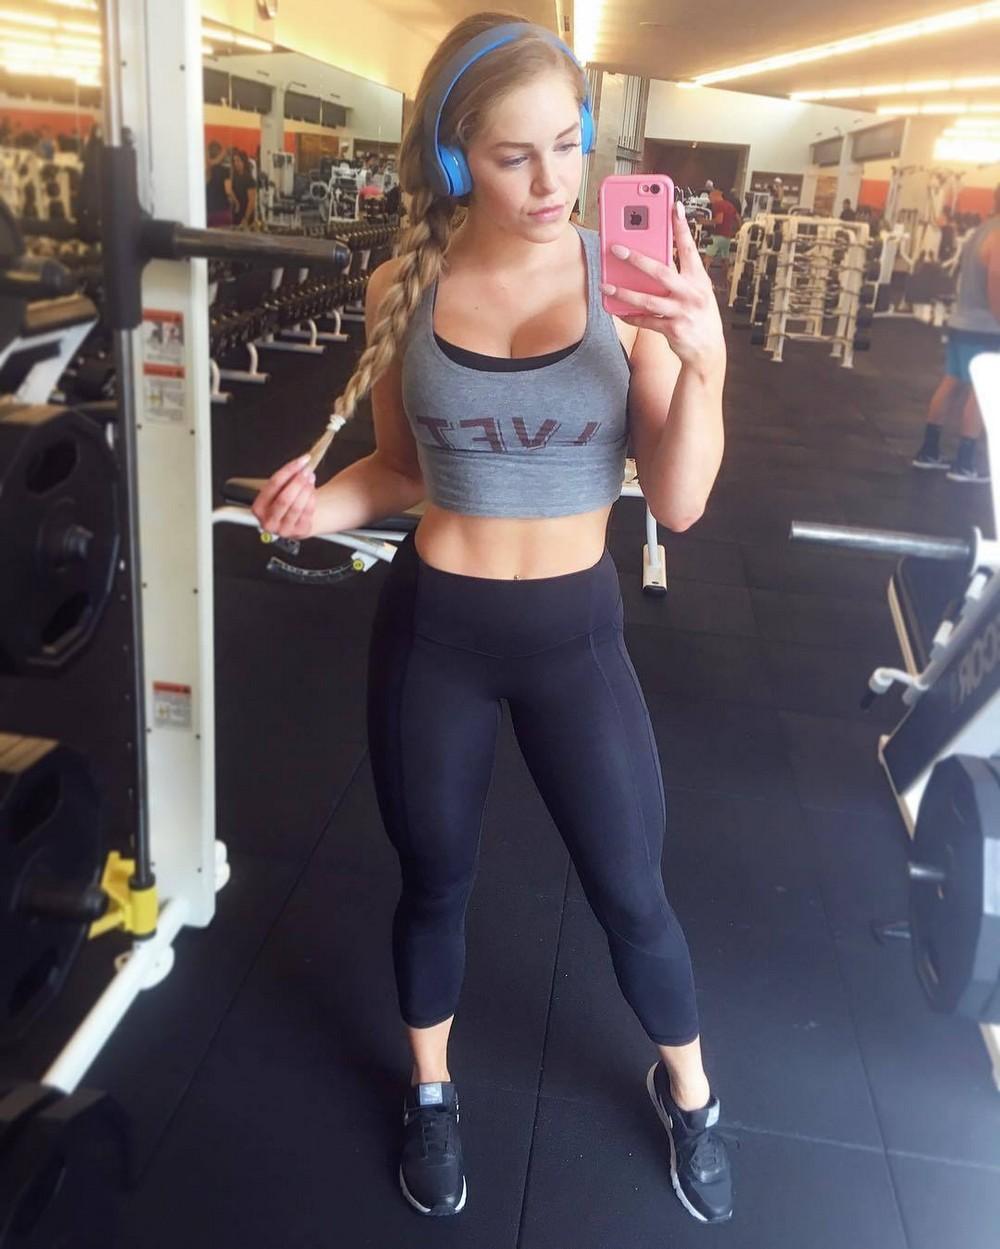 Девушки в спортивных бюстгальтерах